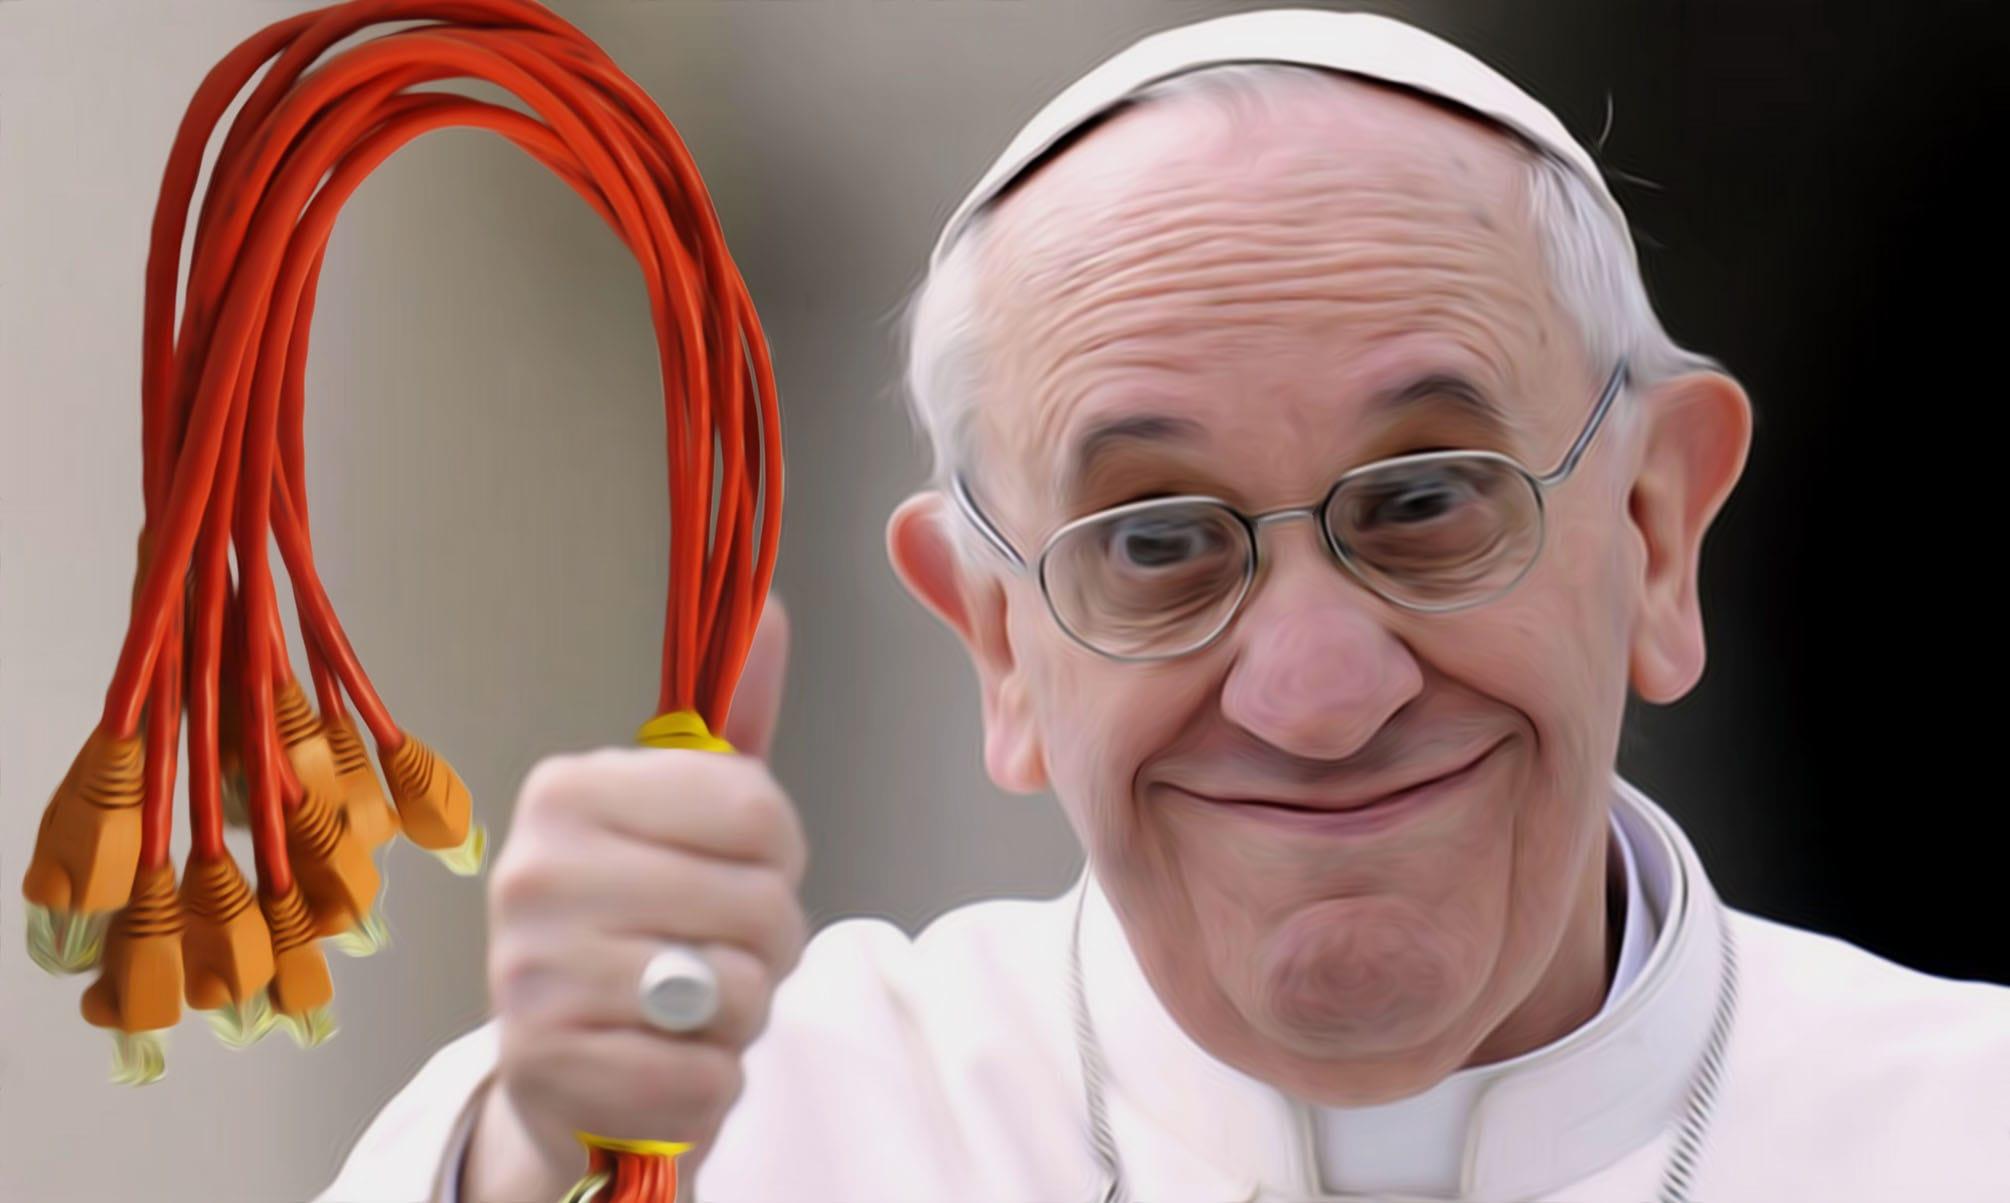 Papst Franziskus mit Peitsche Kinder schlagen erlaubt neue alte Erziehung Skandal Zuechtigung dogma gewaltaetige Erziehung Vatikan Doktrin qpress